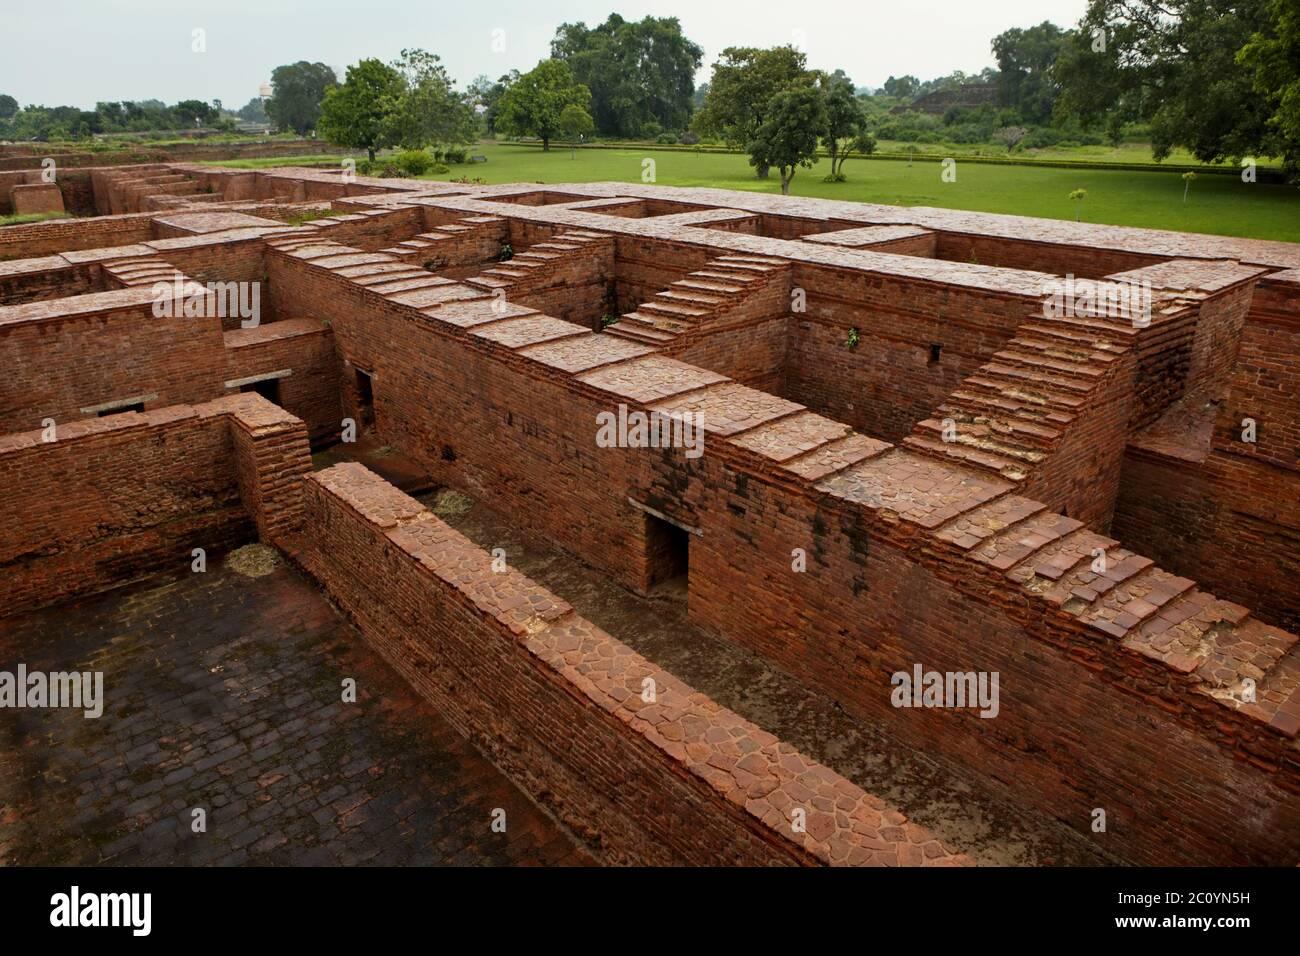 Vista desde la cima de un antiguo complejo monasterio de Nalanda mostrando callejones, escaleras y habitaciones para monjes. Nalanda, Bihar, India. Foto de stock